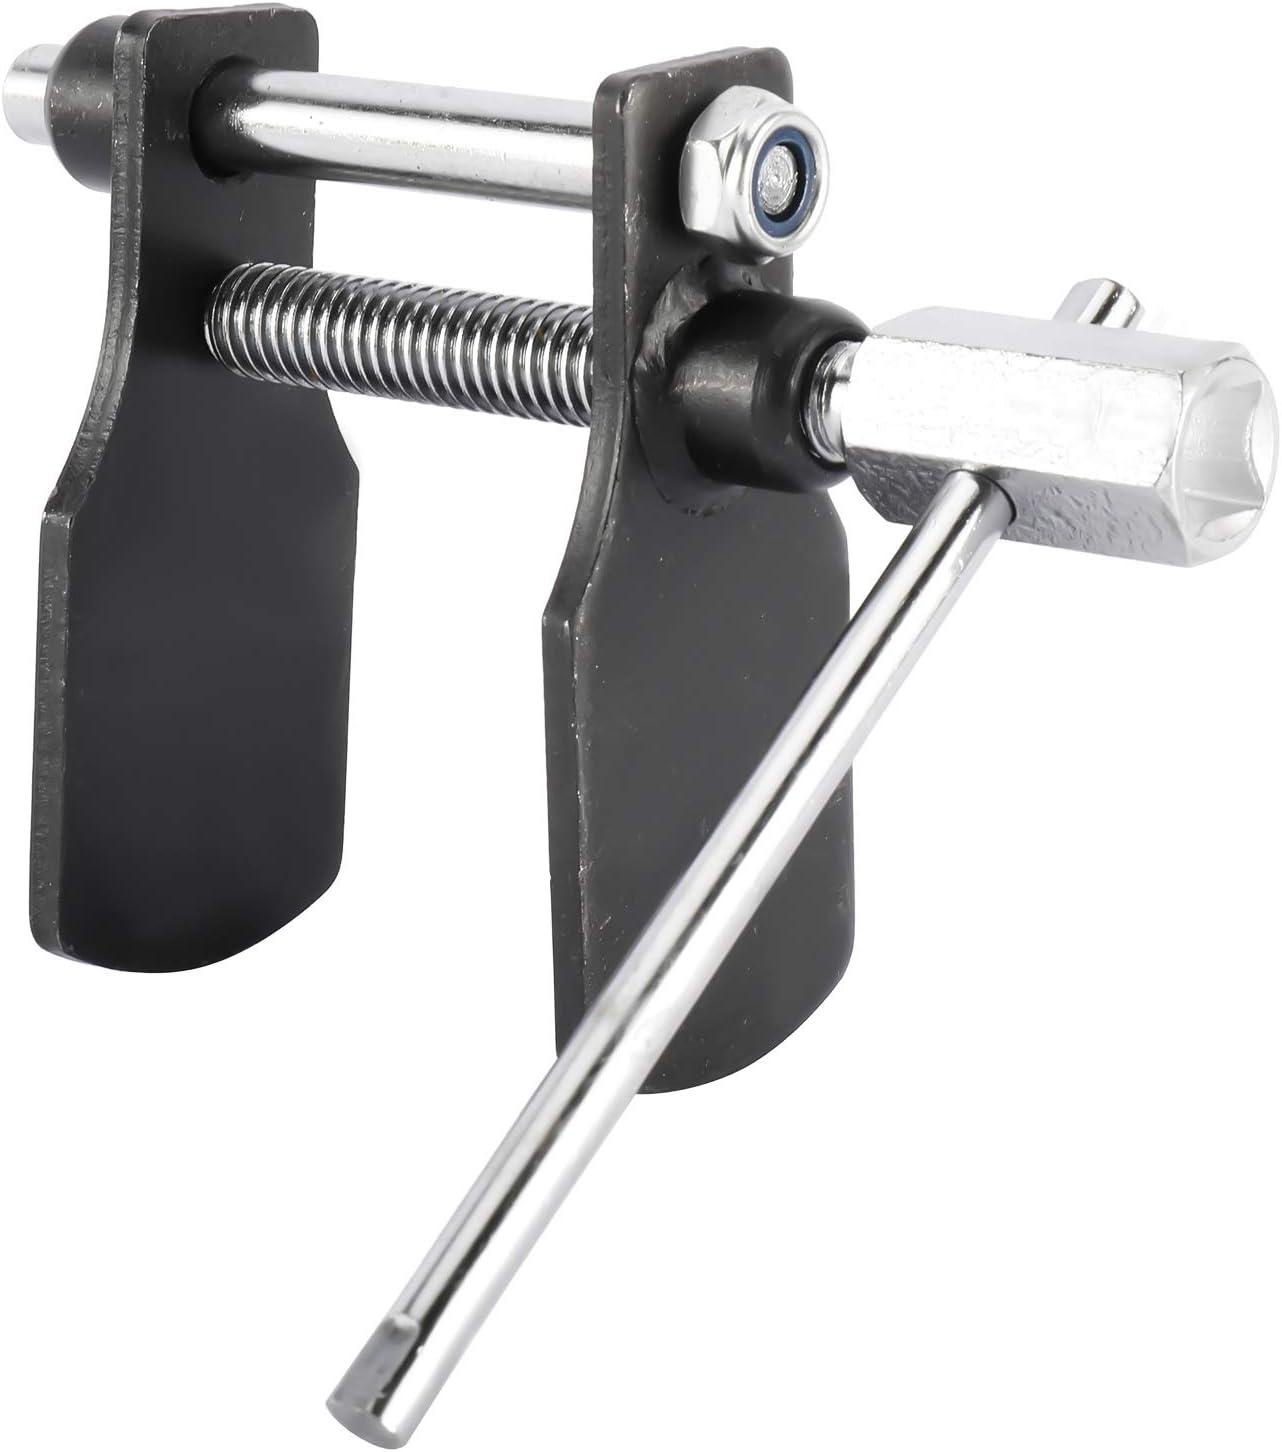 BTSHUB Disc Brake Pad Installation Spreader Caliper Piston Tool